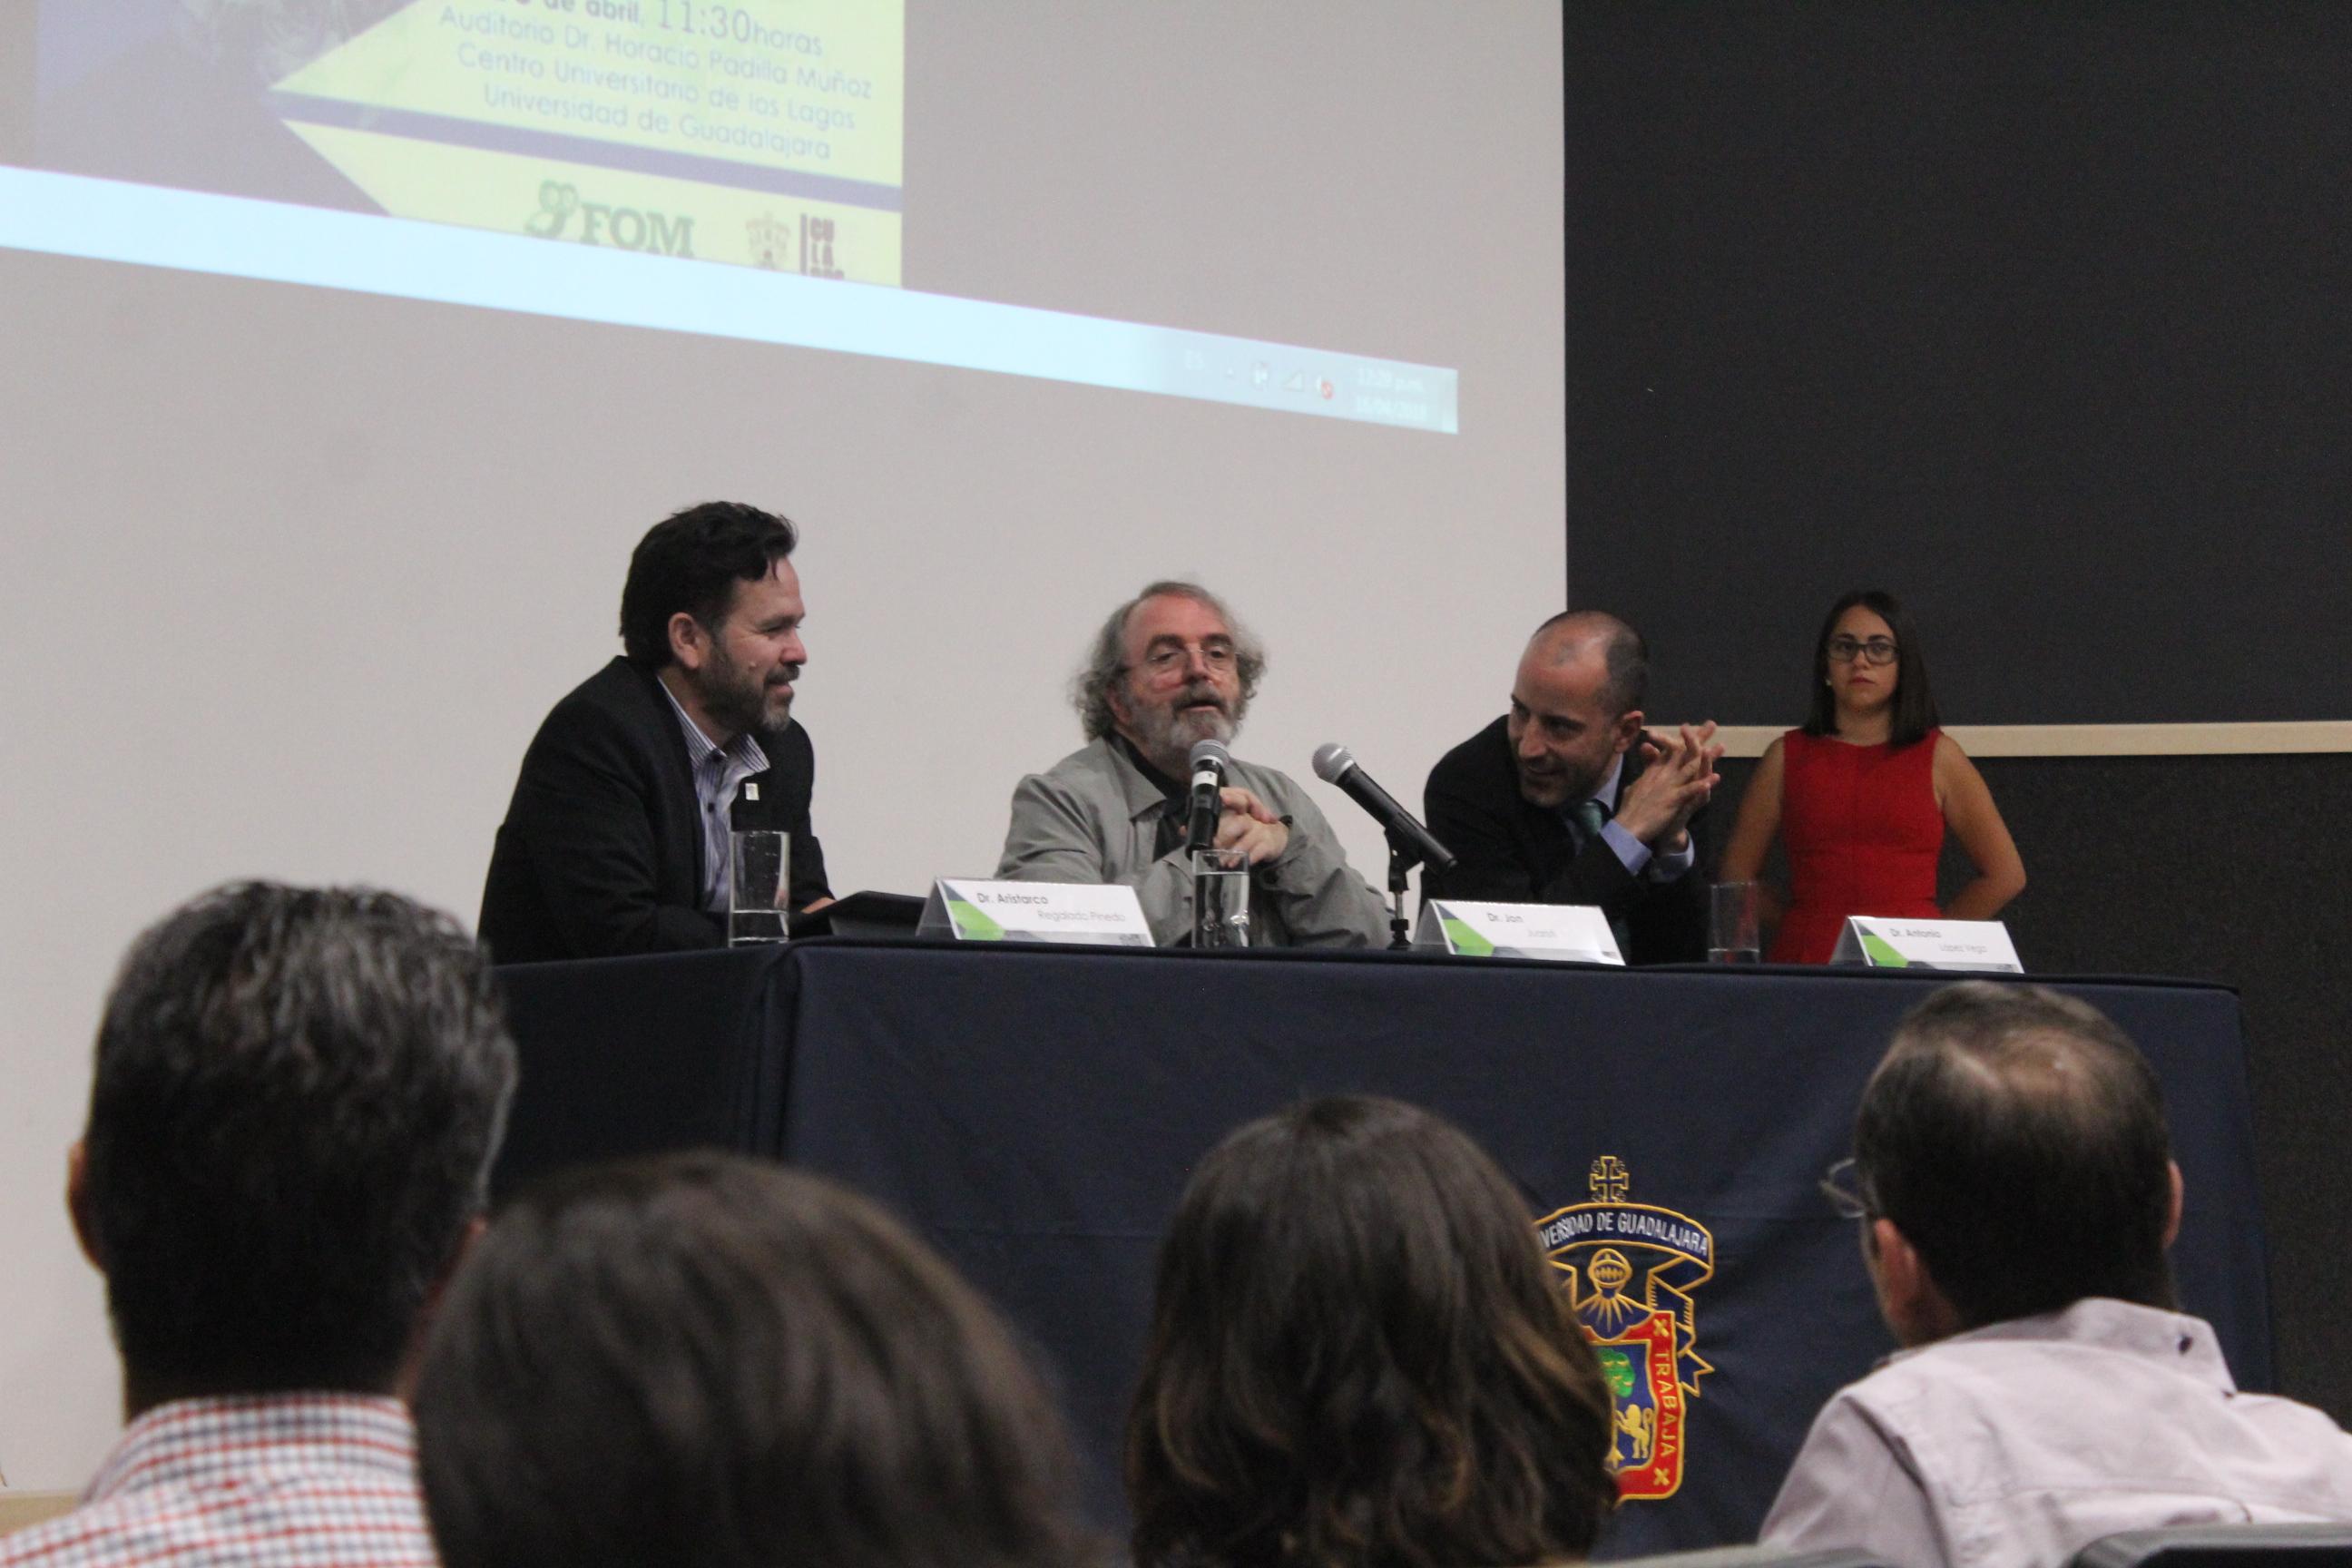 El doctor Jon Juaristi inauguró la cátedra Gregorio Marañón en el CULagos.